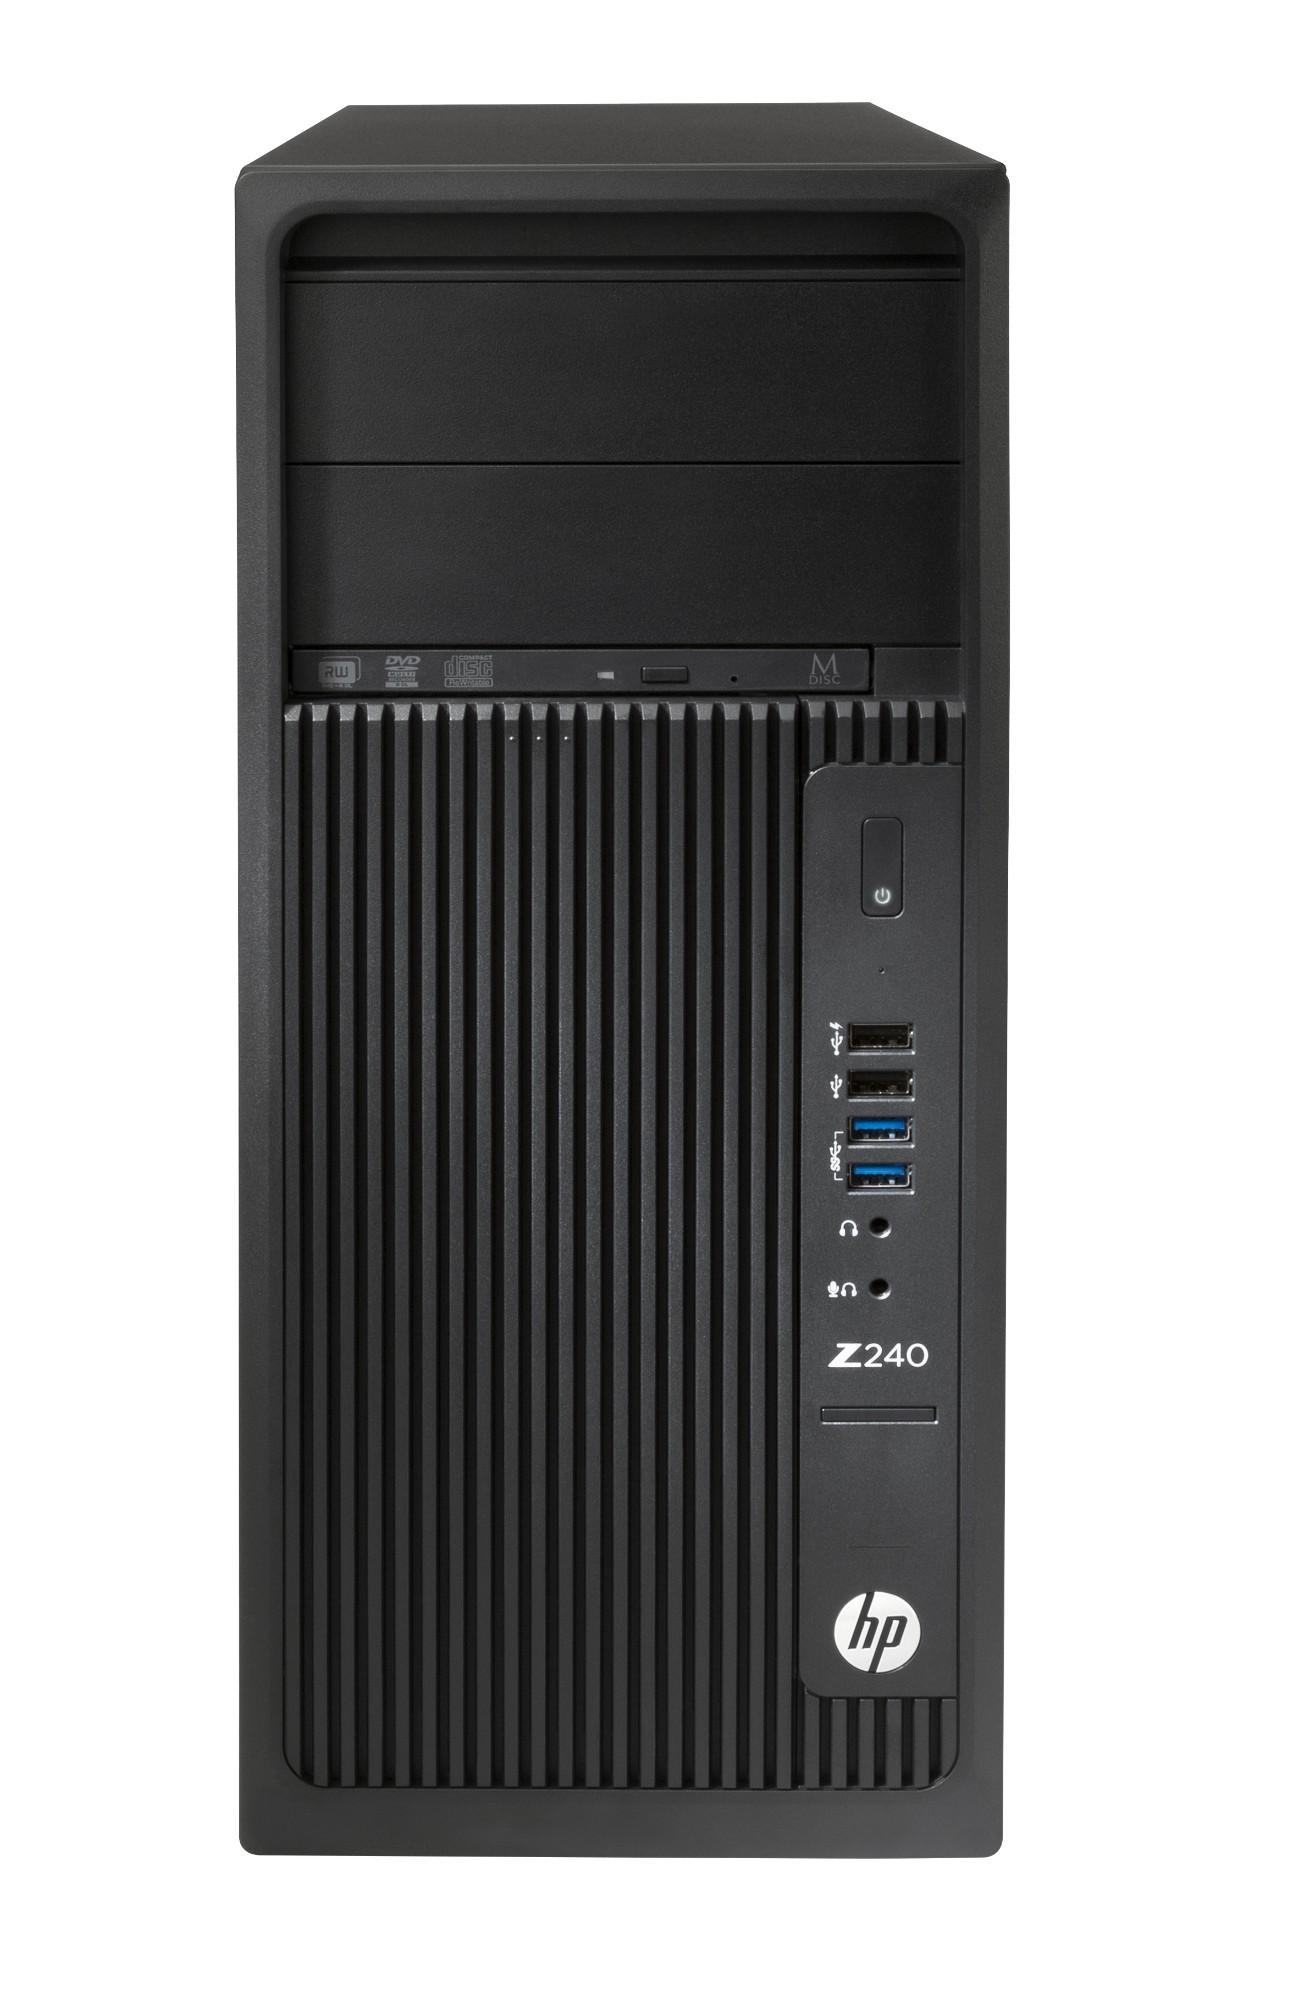 HP Workstation Z240 Tower Y3Y83EA#ABU  Core i7-7700K 16GB 256GB SSD Win 10 Pro